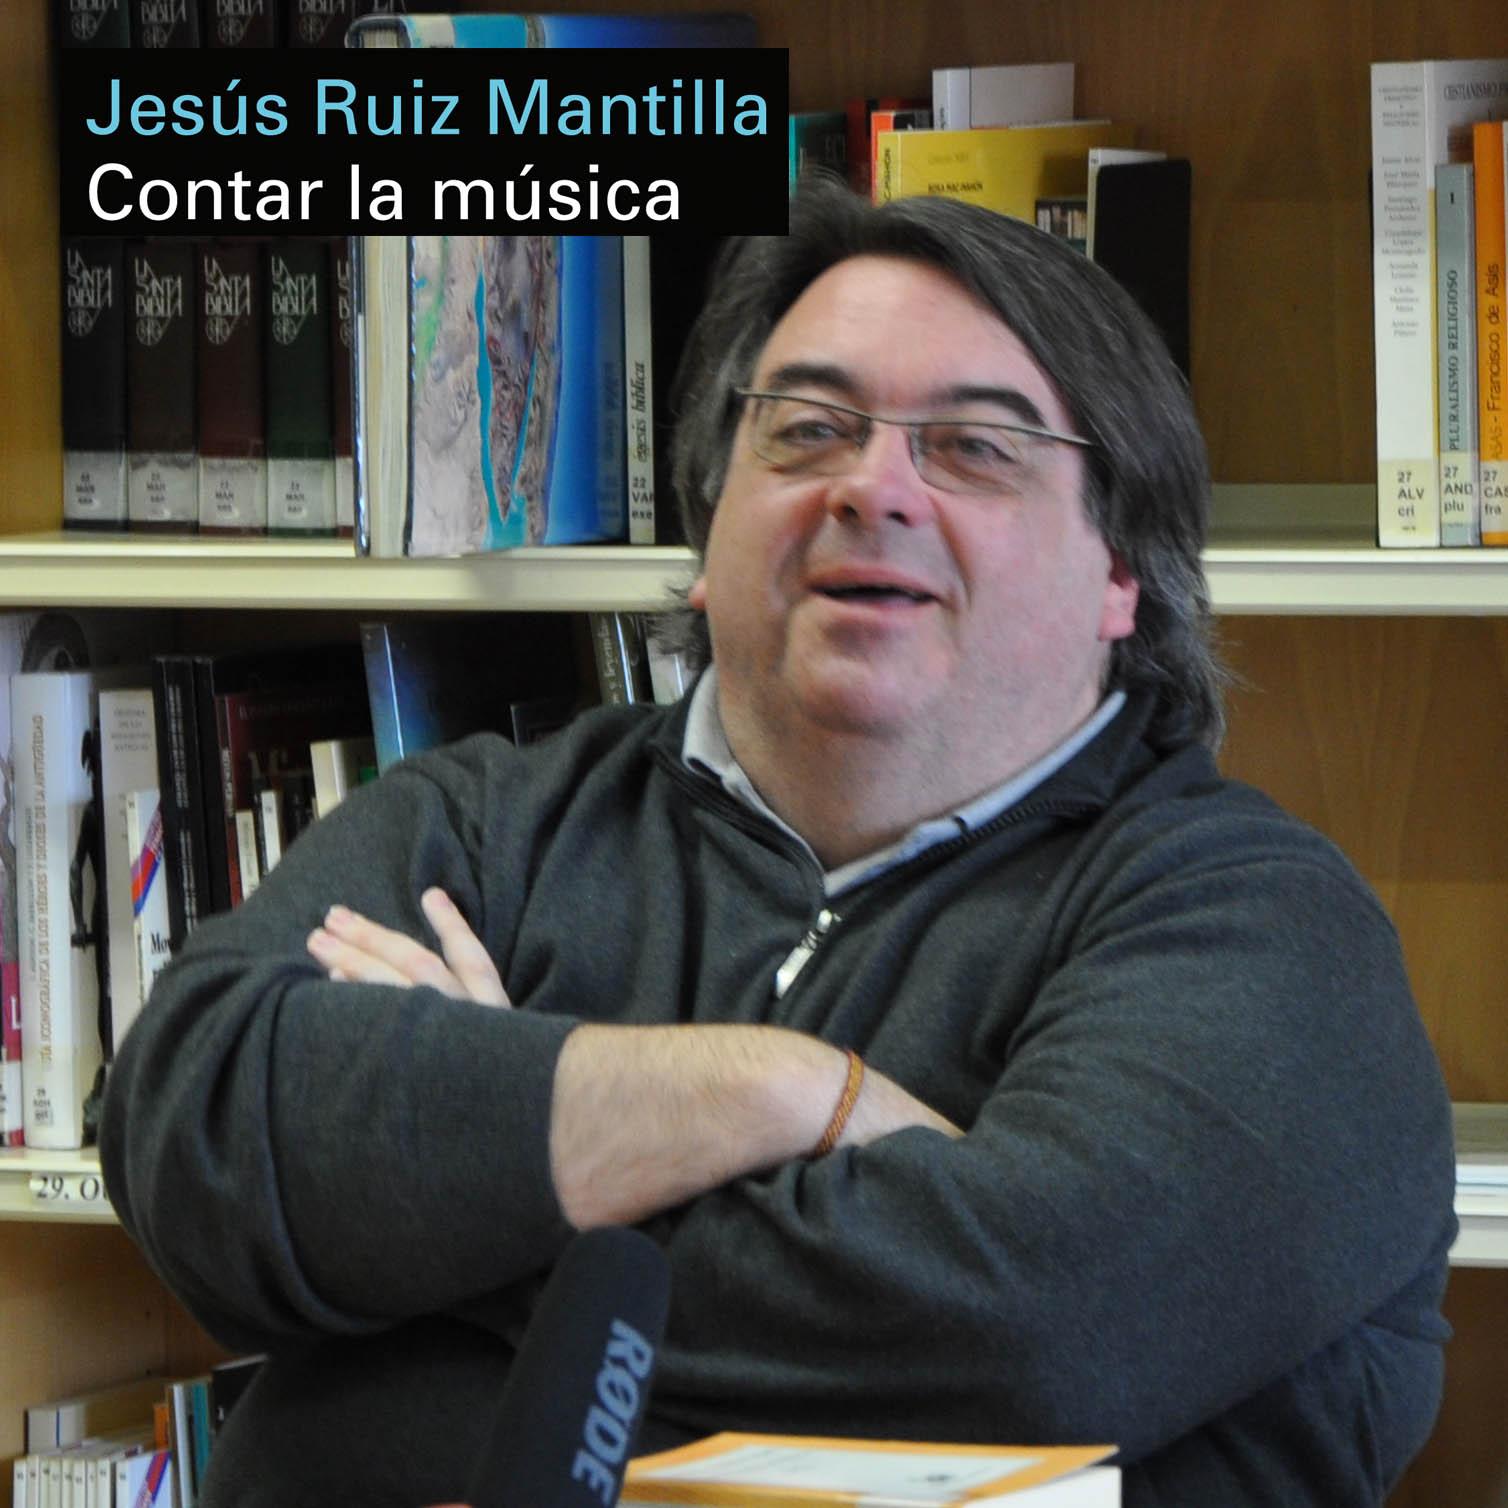 Jesus Ruiz Mantilla